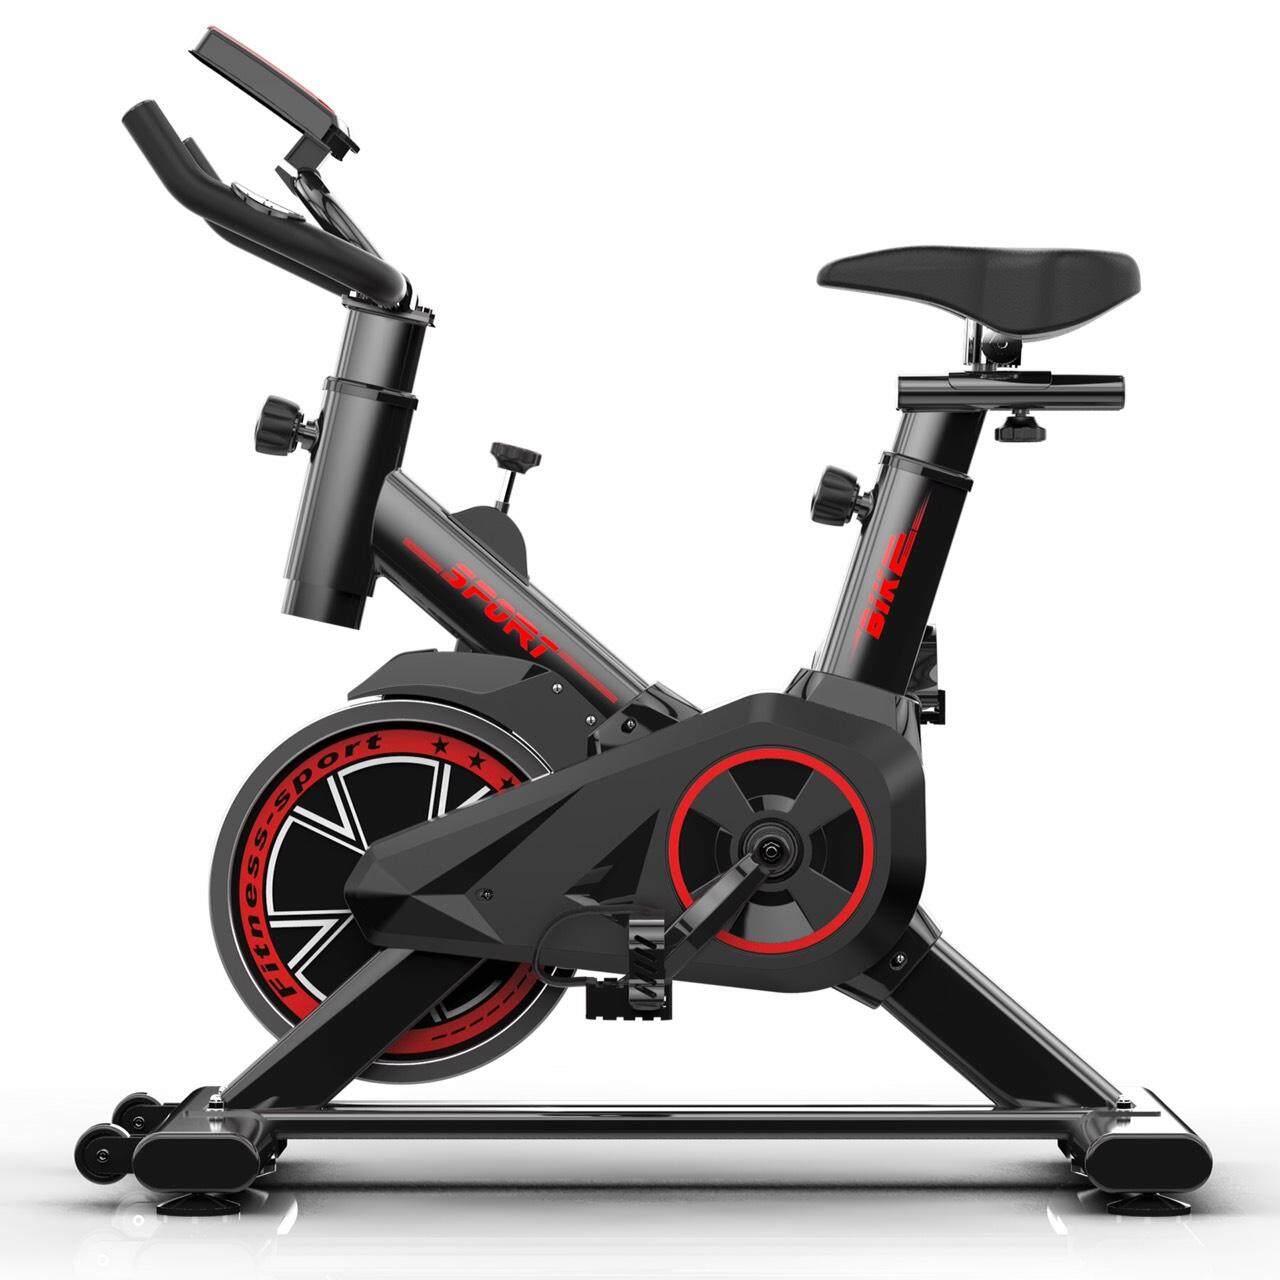 จักรยานออกกำลังกาย Exercise Spin Bike จักรยานฟิตเนส Spinning Bike SpinBike